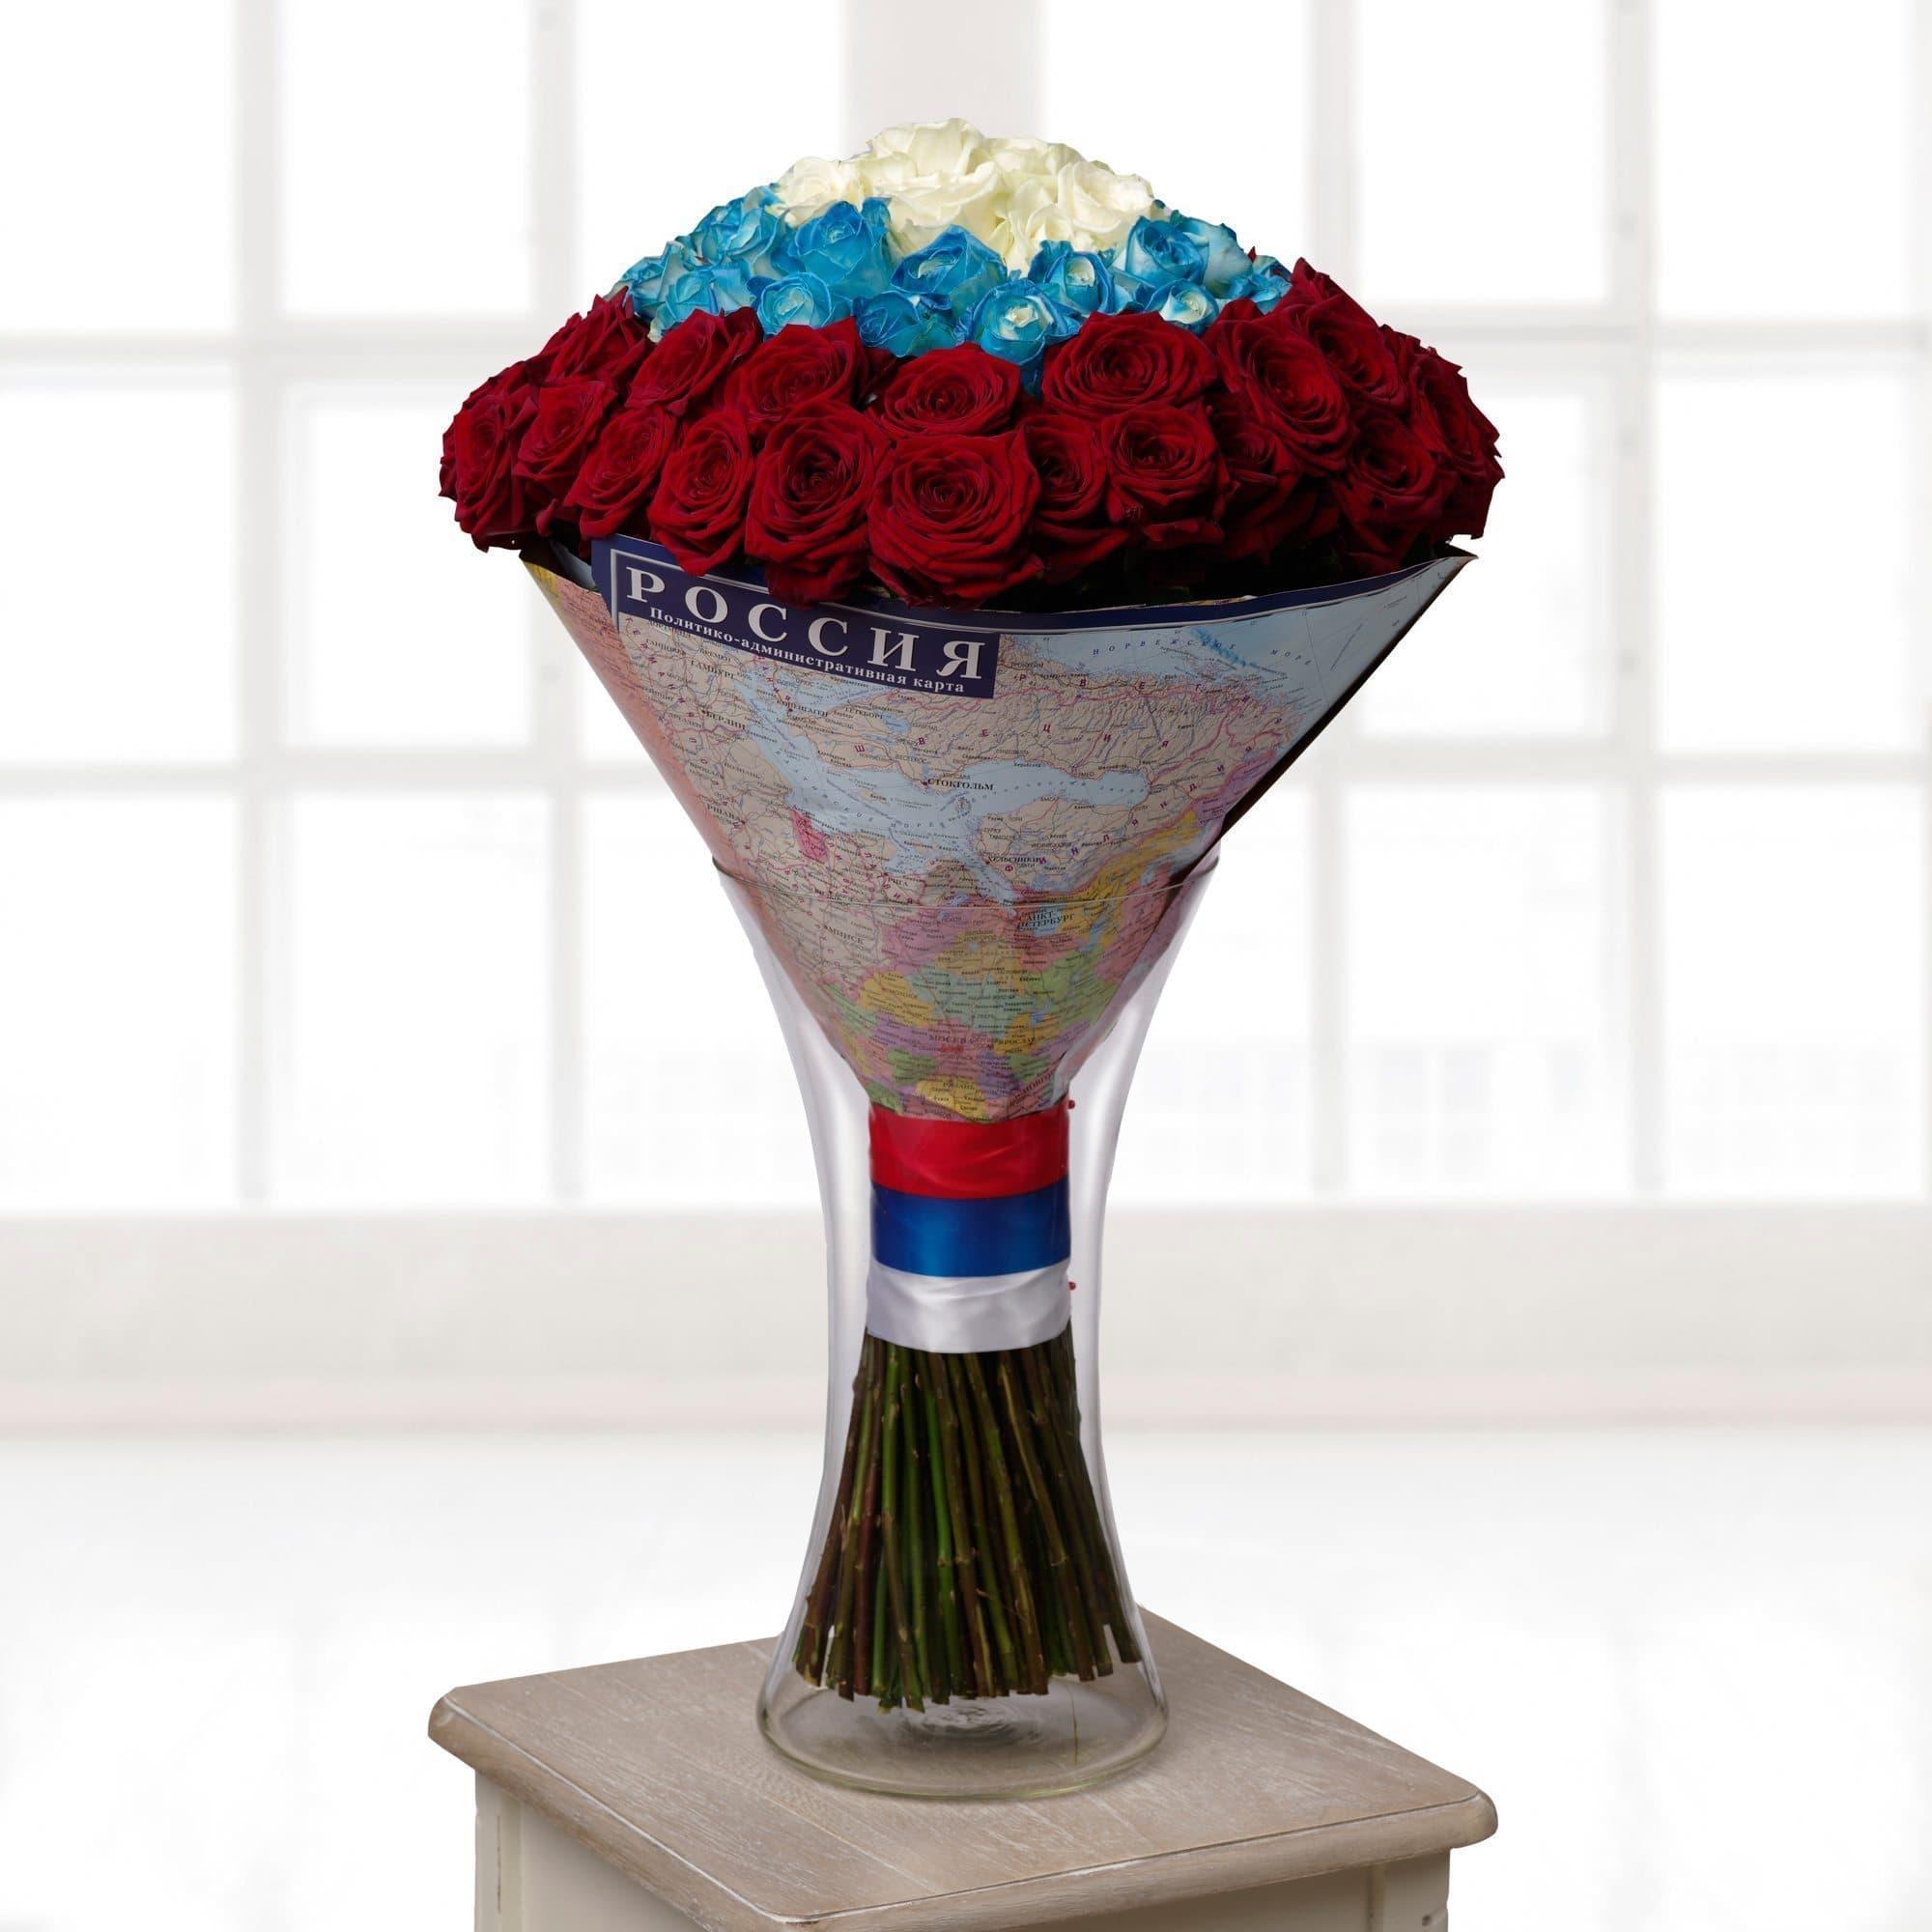 РоссияБелые розы<br>Букет Россия станет прекрасным подарком отцу, коллеге, партнеру по бизнесу, мужу. Это идеальный презент для мужчины и истинного патриота.<br><br>В состав композиции вошли розы высотой 60 см., которые наши флористы расположили по цветам флага Российской Феде...<br>